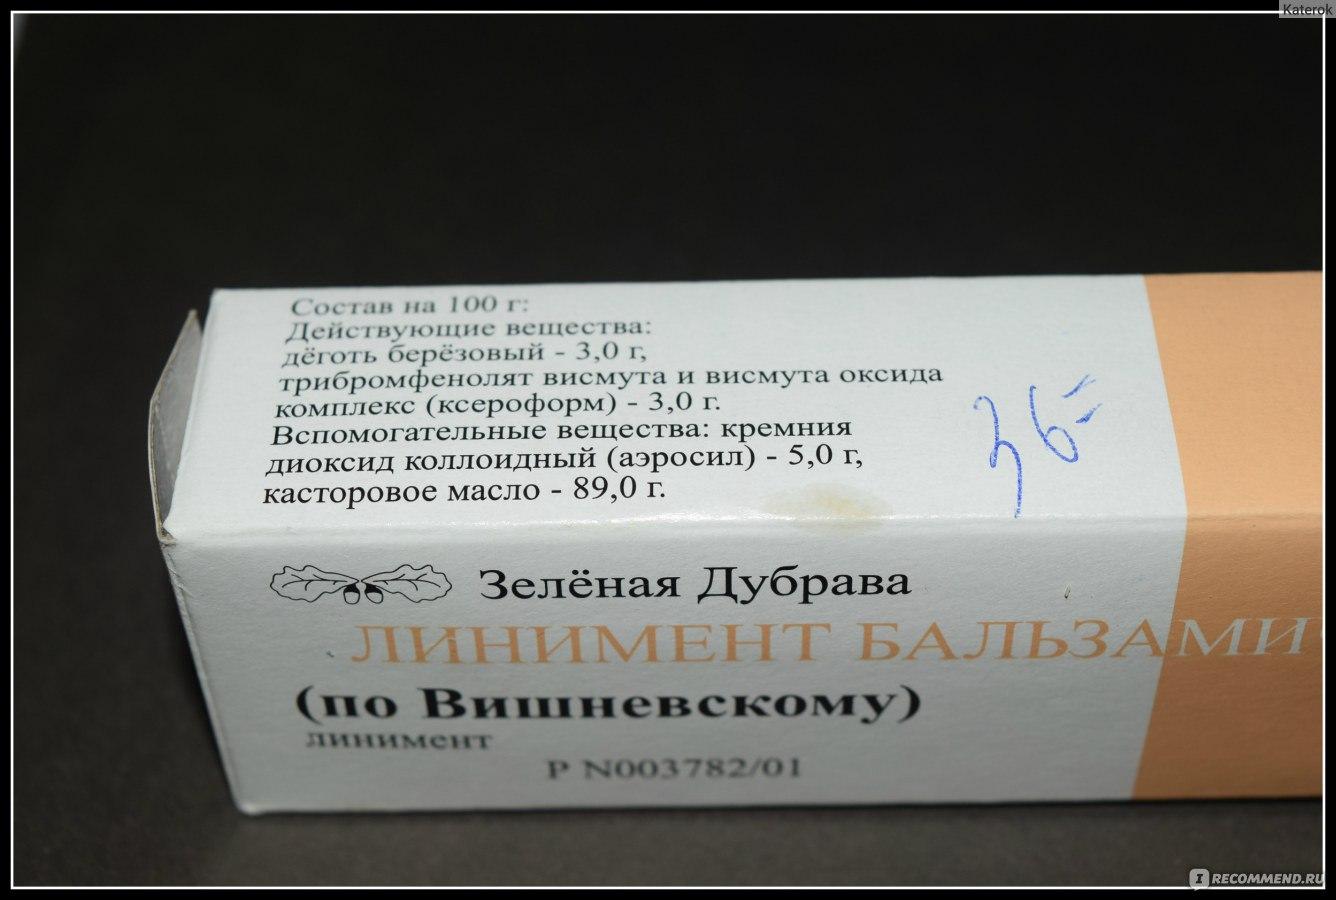 мазь вишневского от простатита отзывы